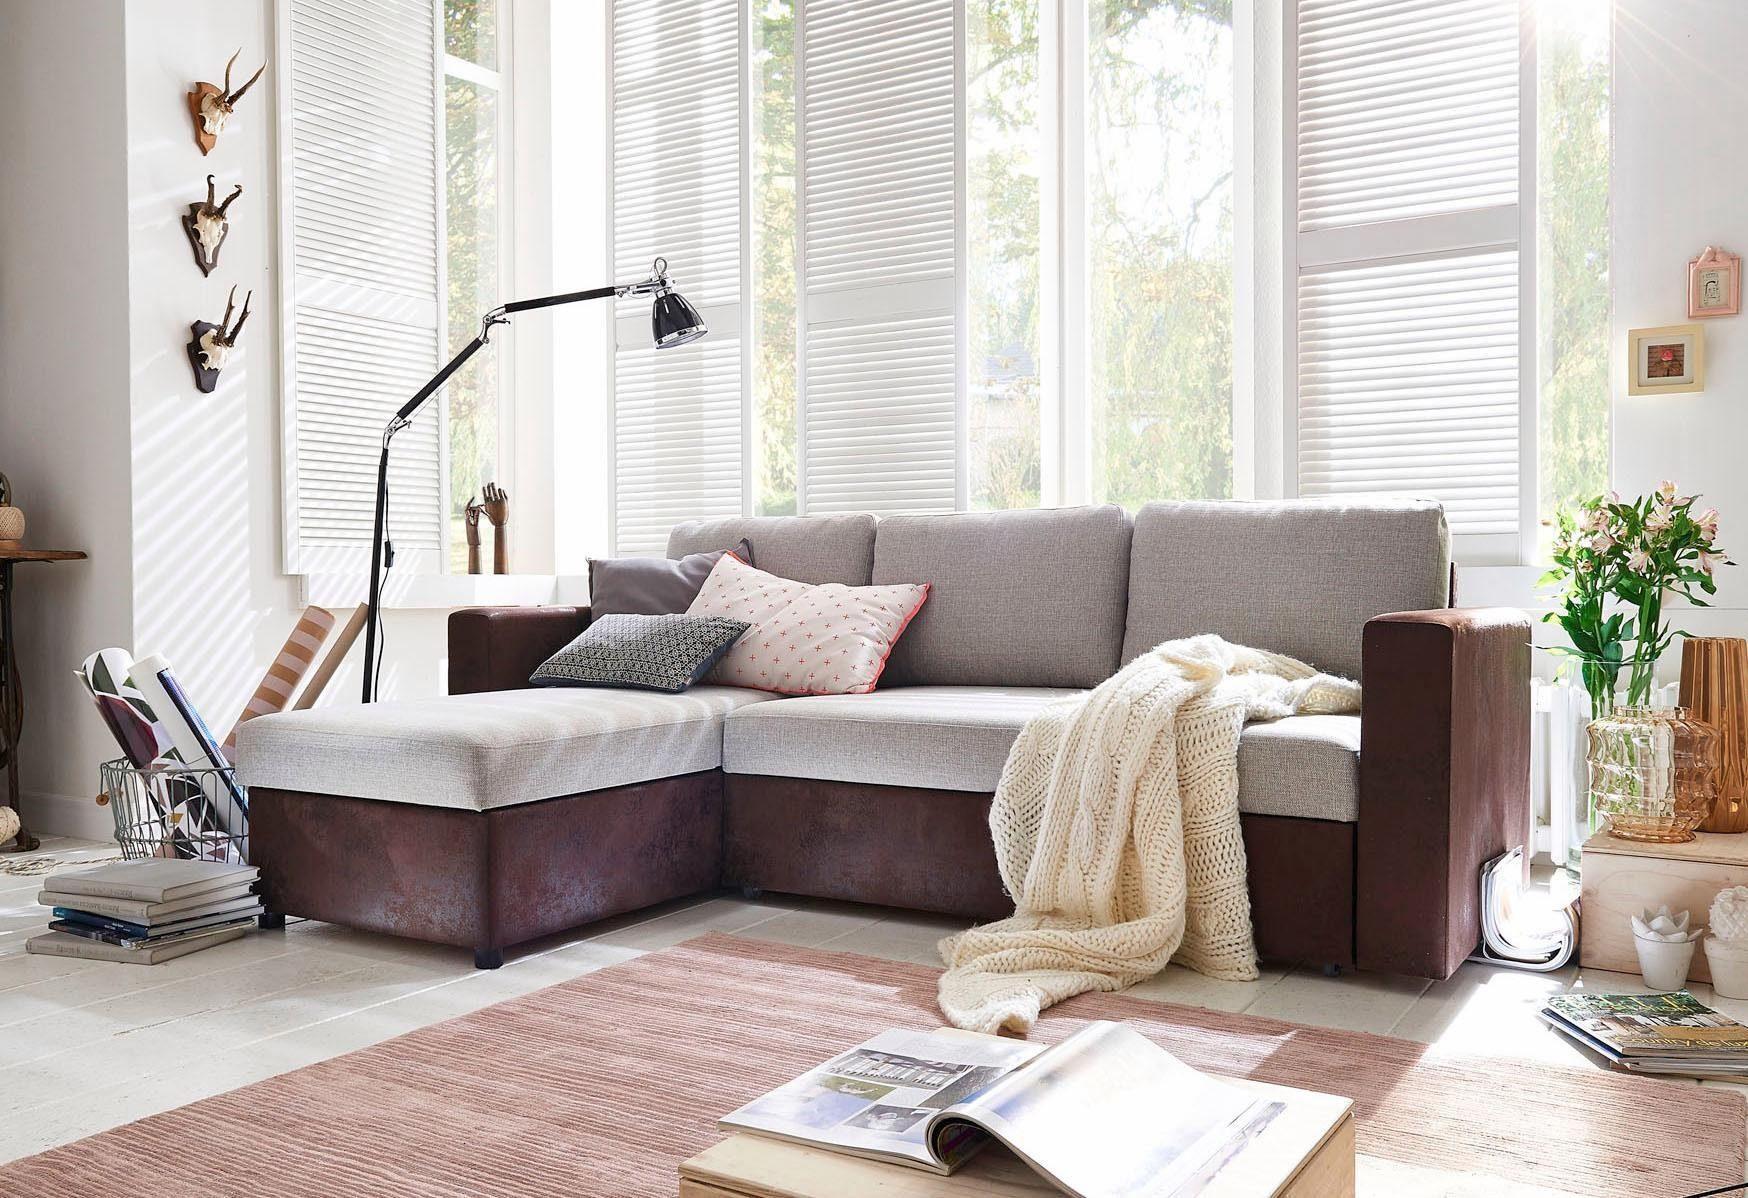 Home affaire Ecksofa »Wien«, mit Bettfunktion und Bettkasten